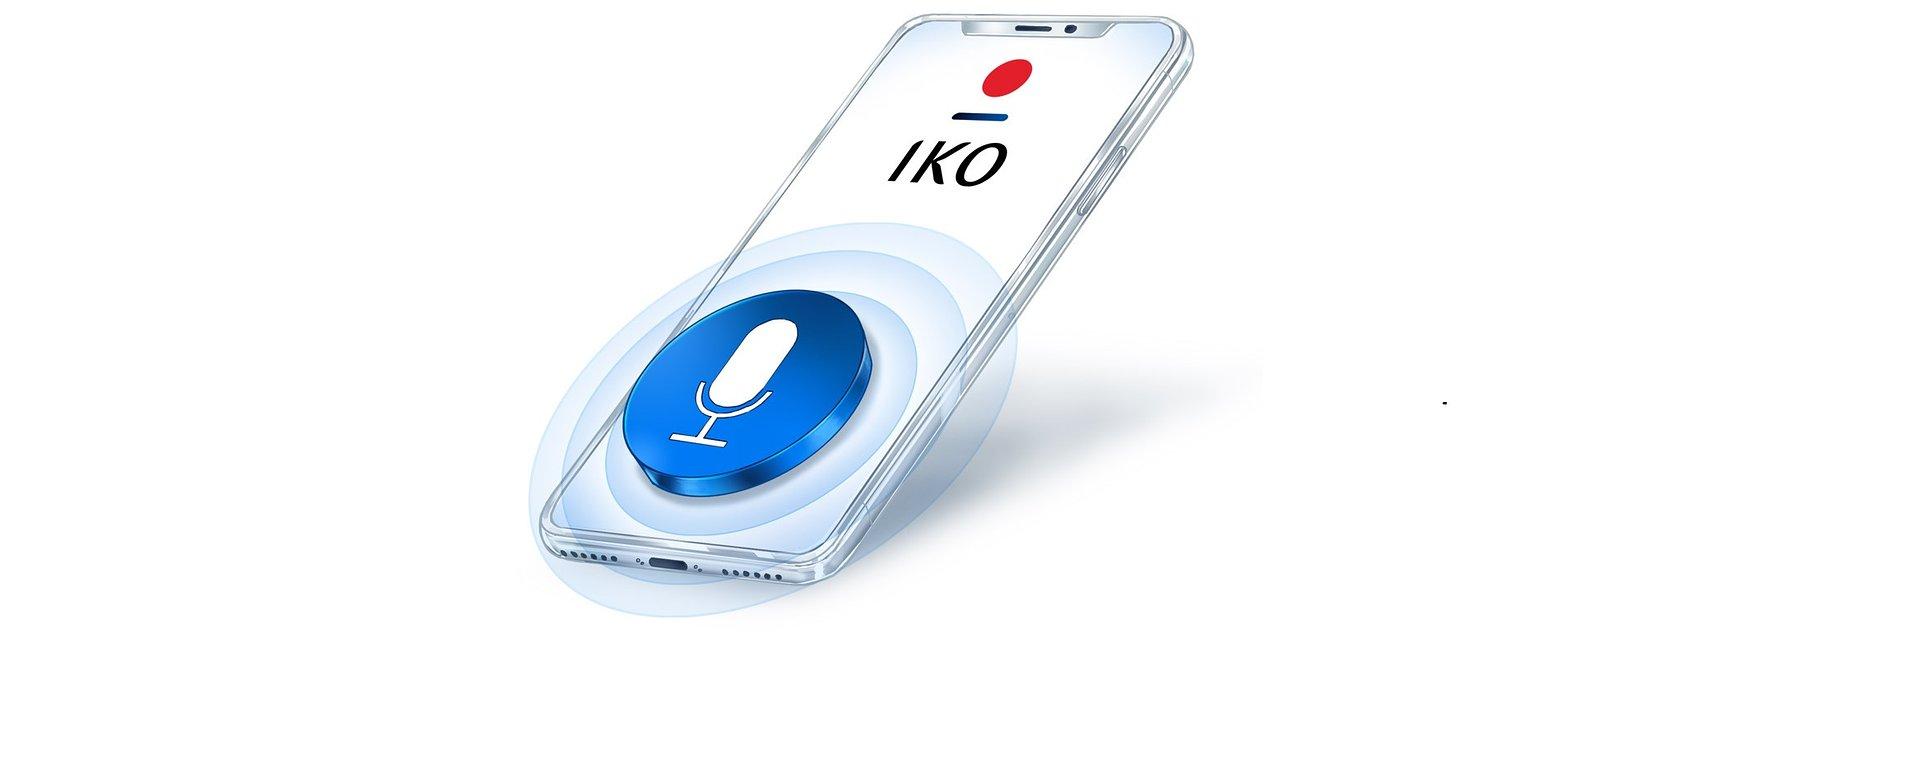 Pierwszy milion złotych przelany za pomocą Asystenta głosowego w IKO